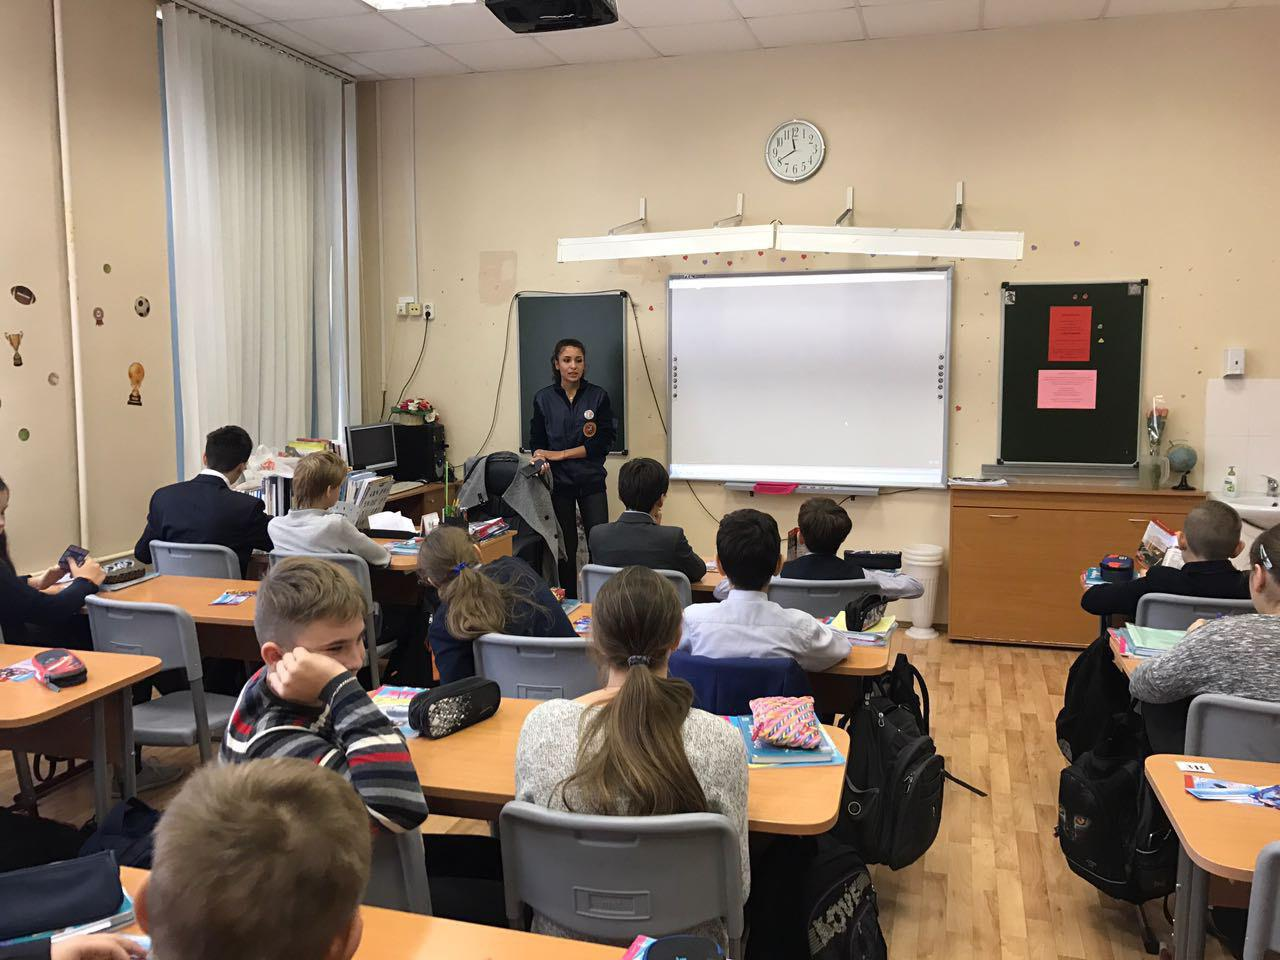 Урок по гражданской обороне прошел в школе на Новгородской